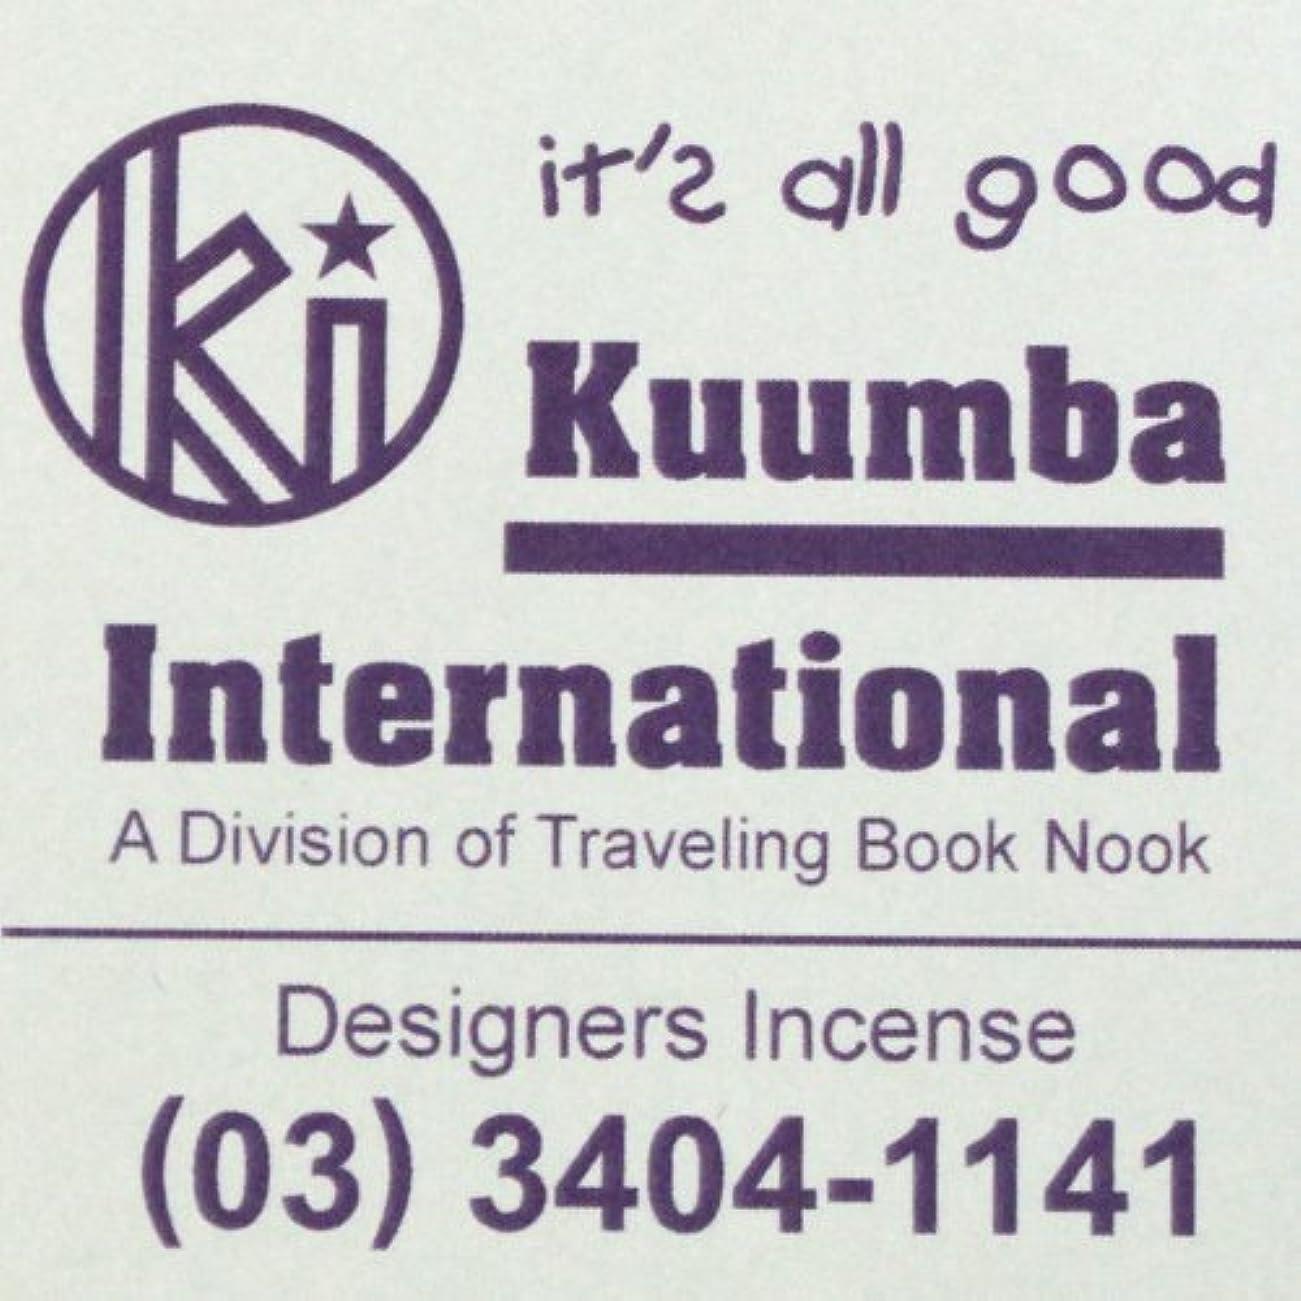 ごめんなさい沈黙アルファベット順KUUMBA (クンバ)『incense』(it's all good) (Regular size)